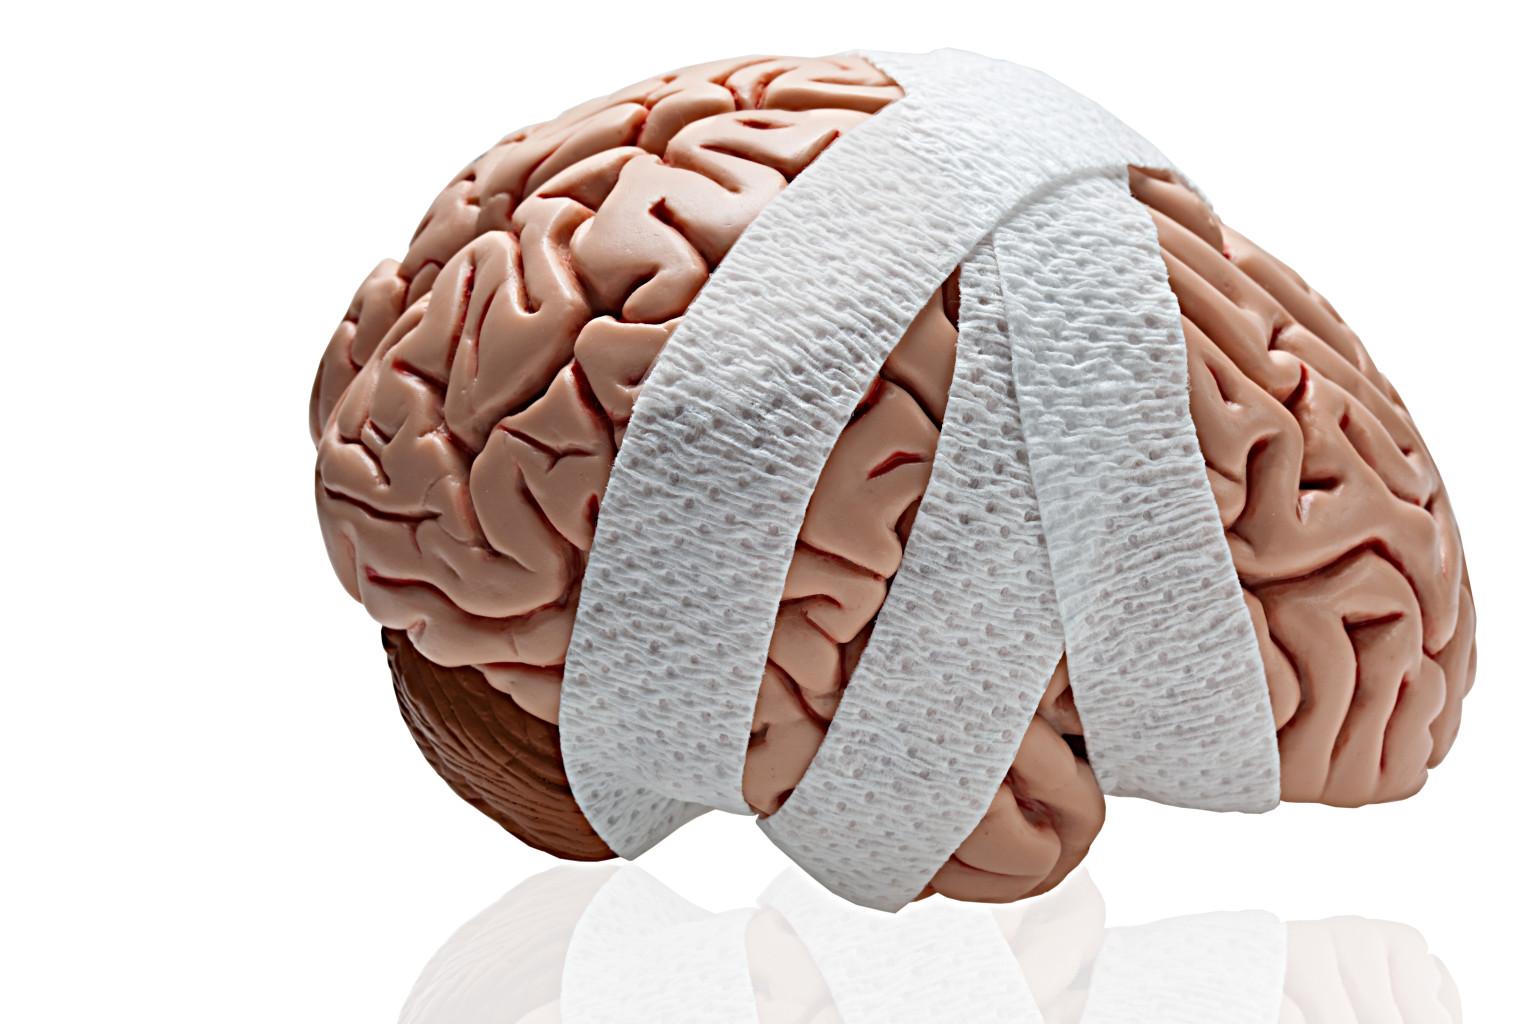 Ушиб головного мозга последствия и реабилитация